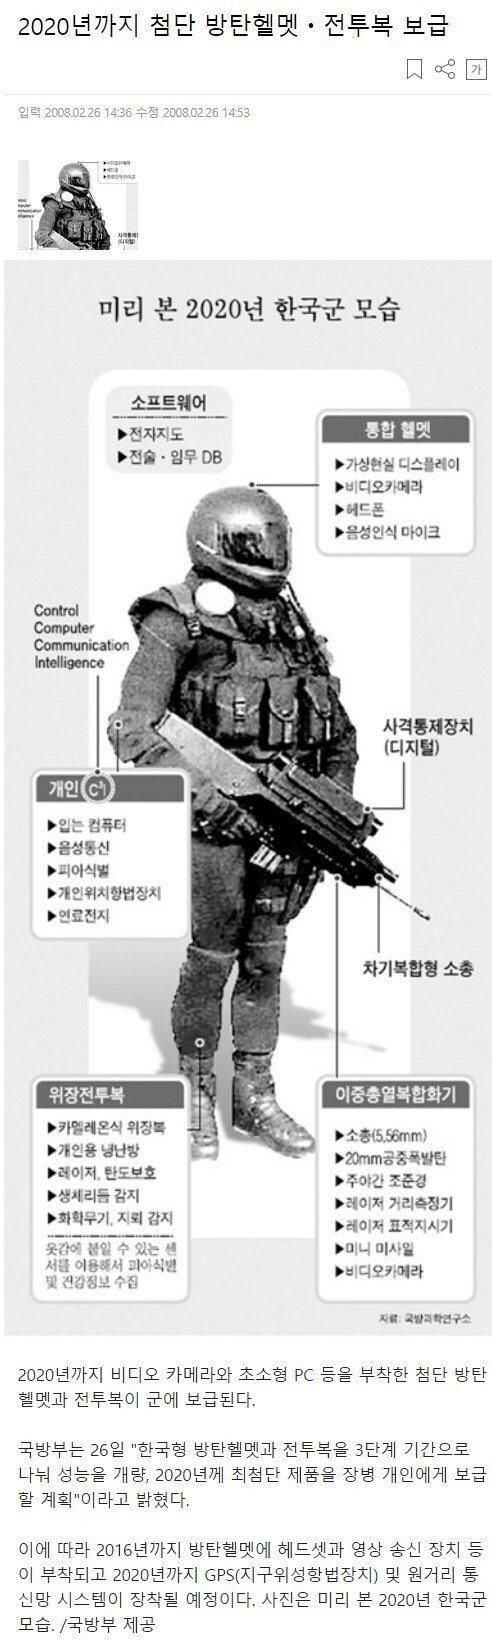 479B3466-C4E8-4ADA-B819-170B4A05DE00.jpg 2020년이 이렇게 빨리 올 줄 몰랐던 국방부.jpg